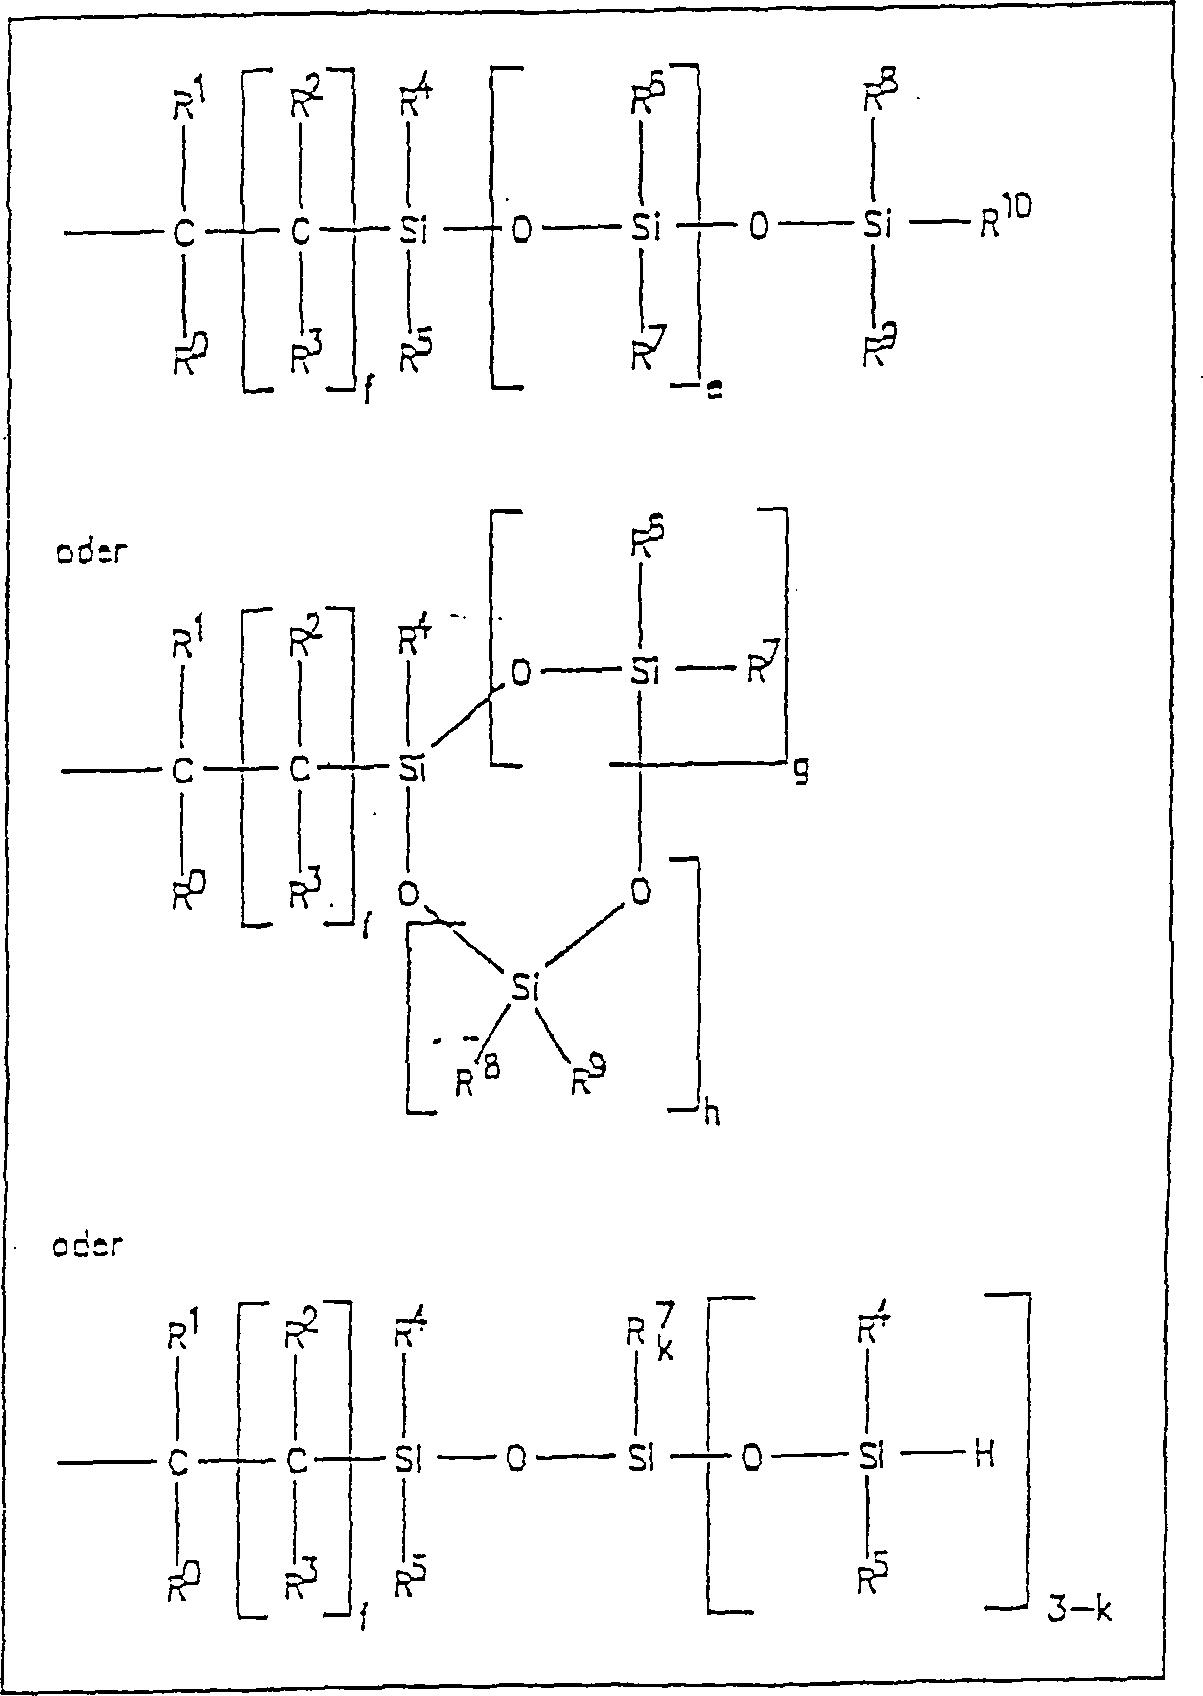 Figure DE000019719438C5_0030